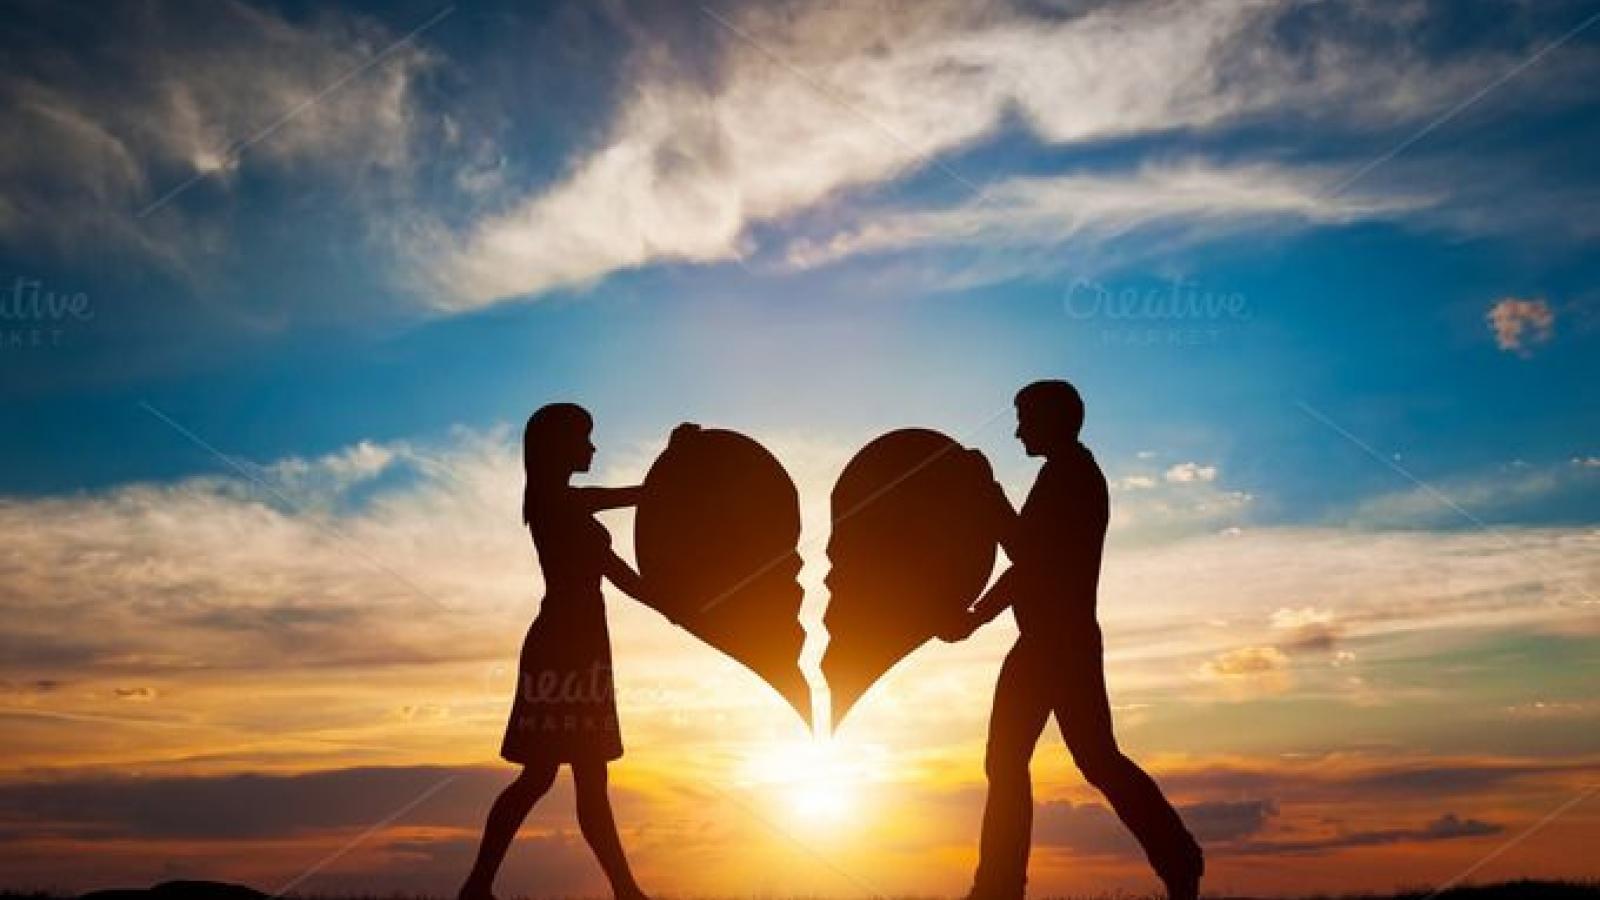 Cư xử với tình cũ: Hãy khéo léo và thông minh!